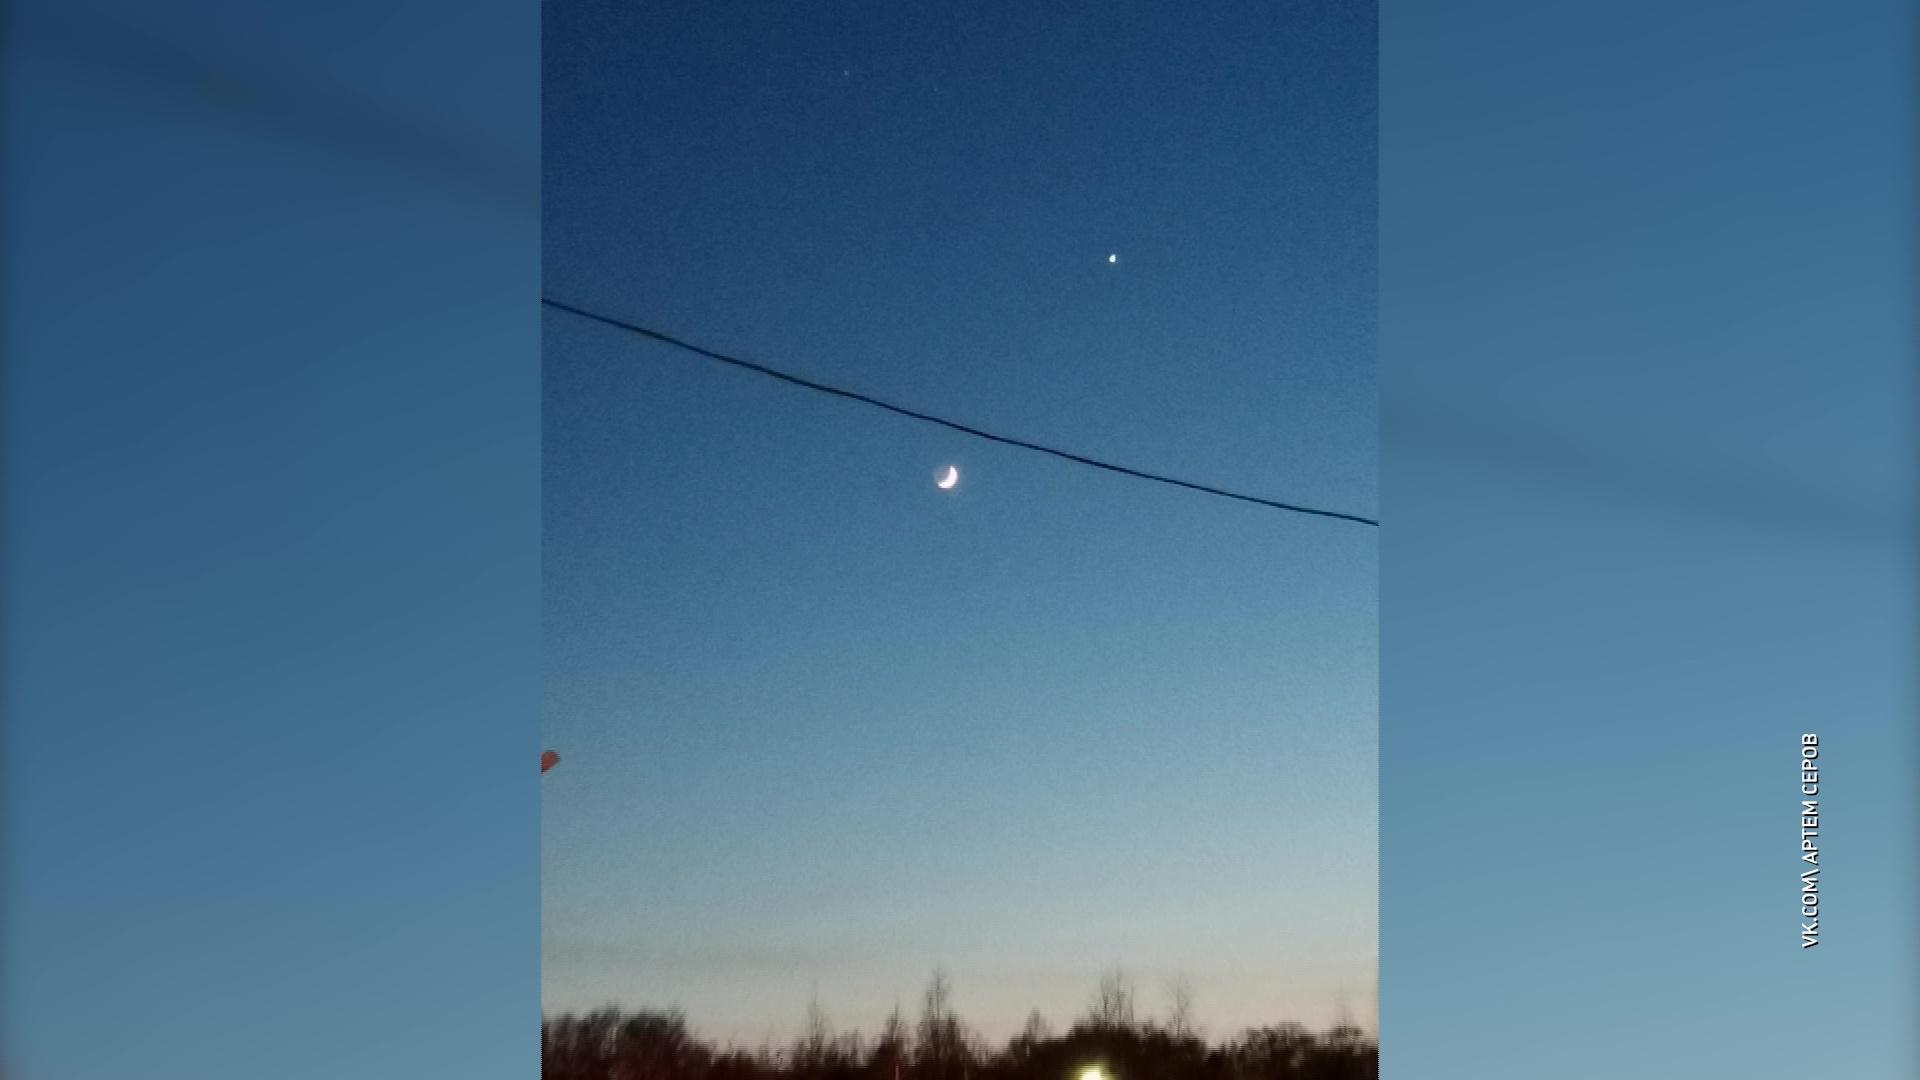 До конца весны ярославцы смогут наблюдать на небе встречу Луны и Венеры